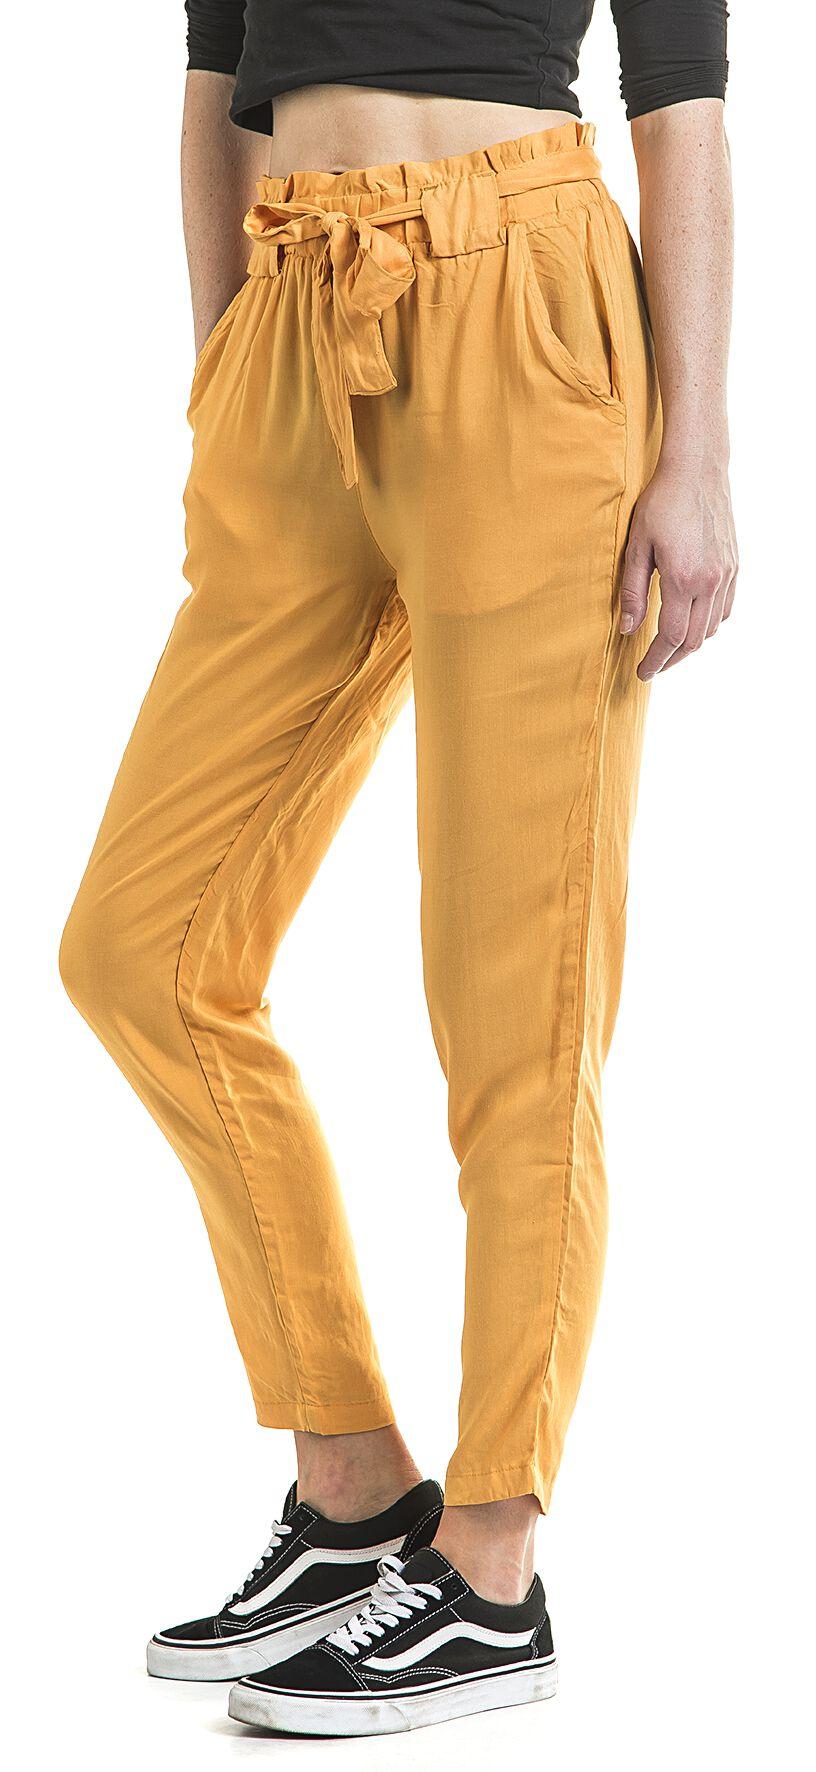 Ruffled Ladies Pant